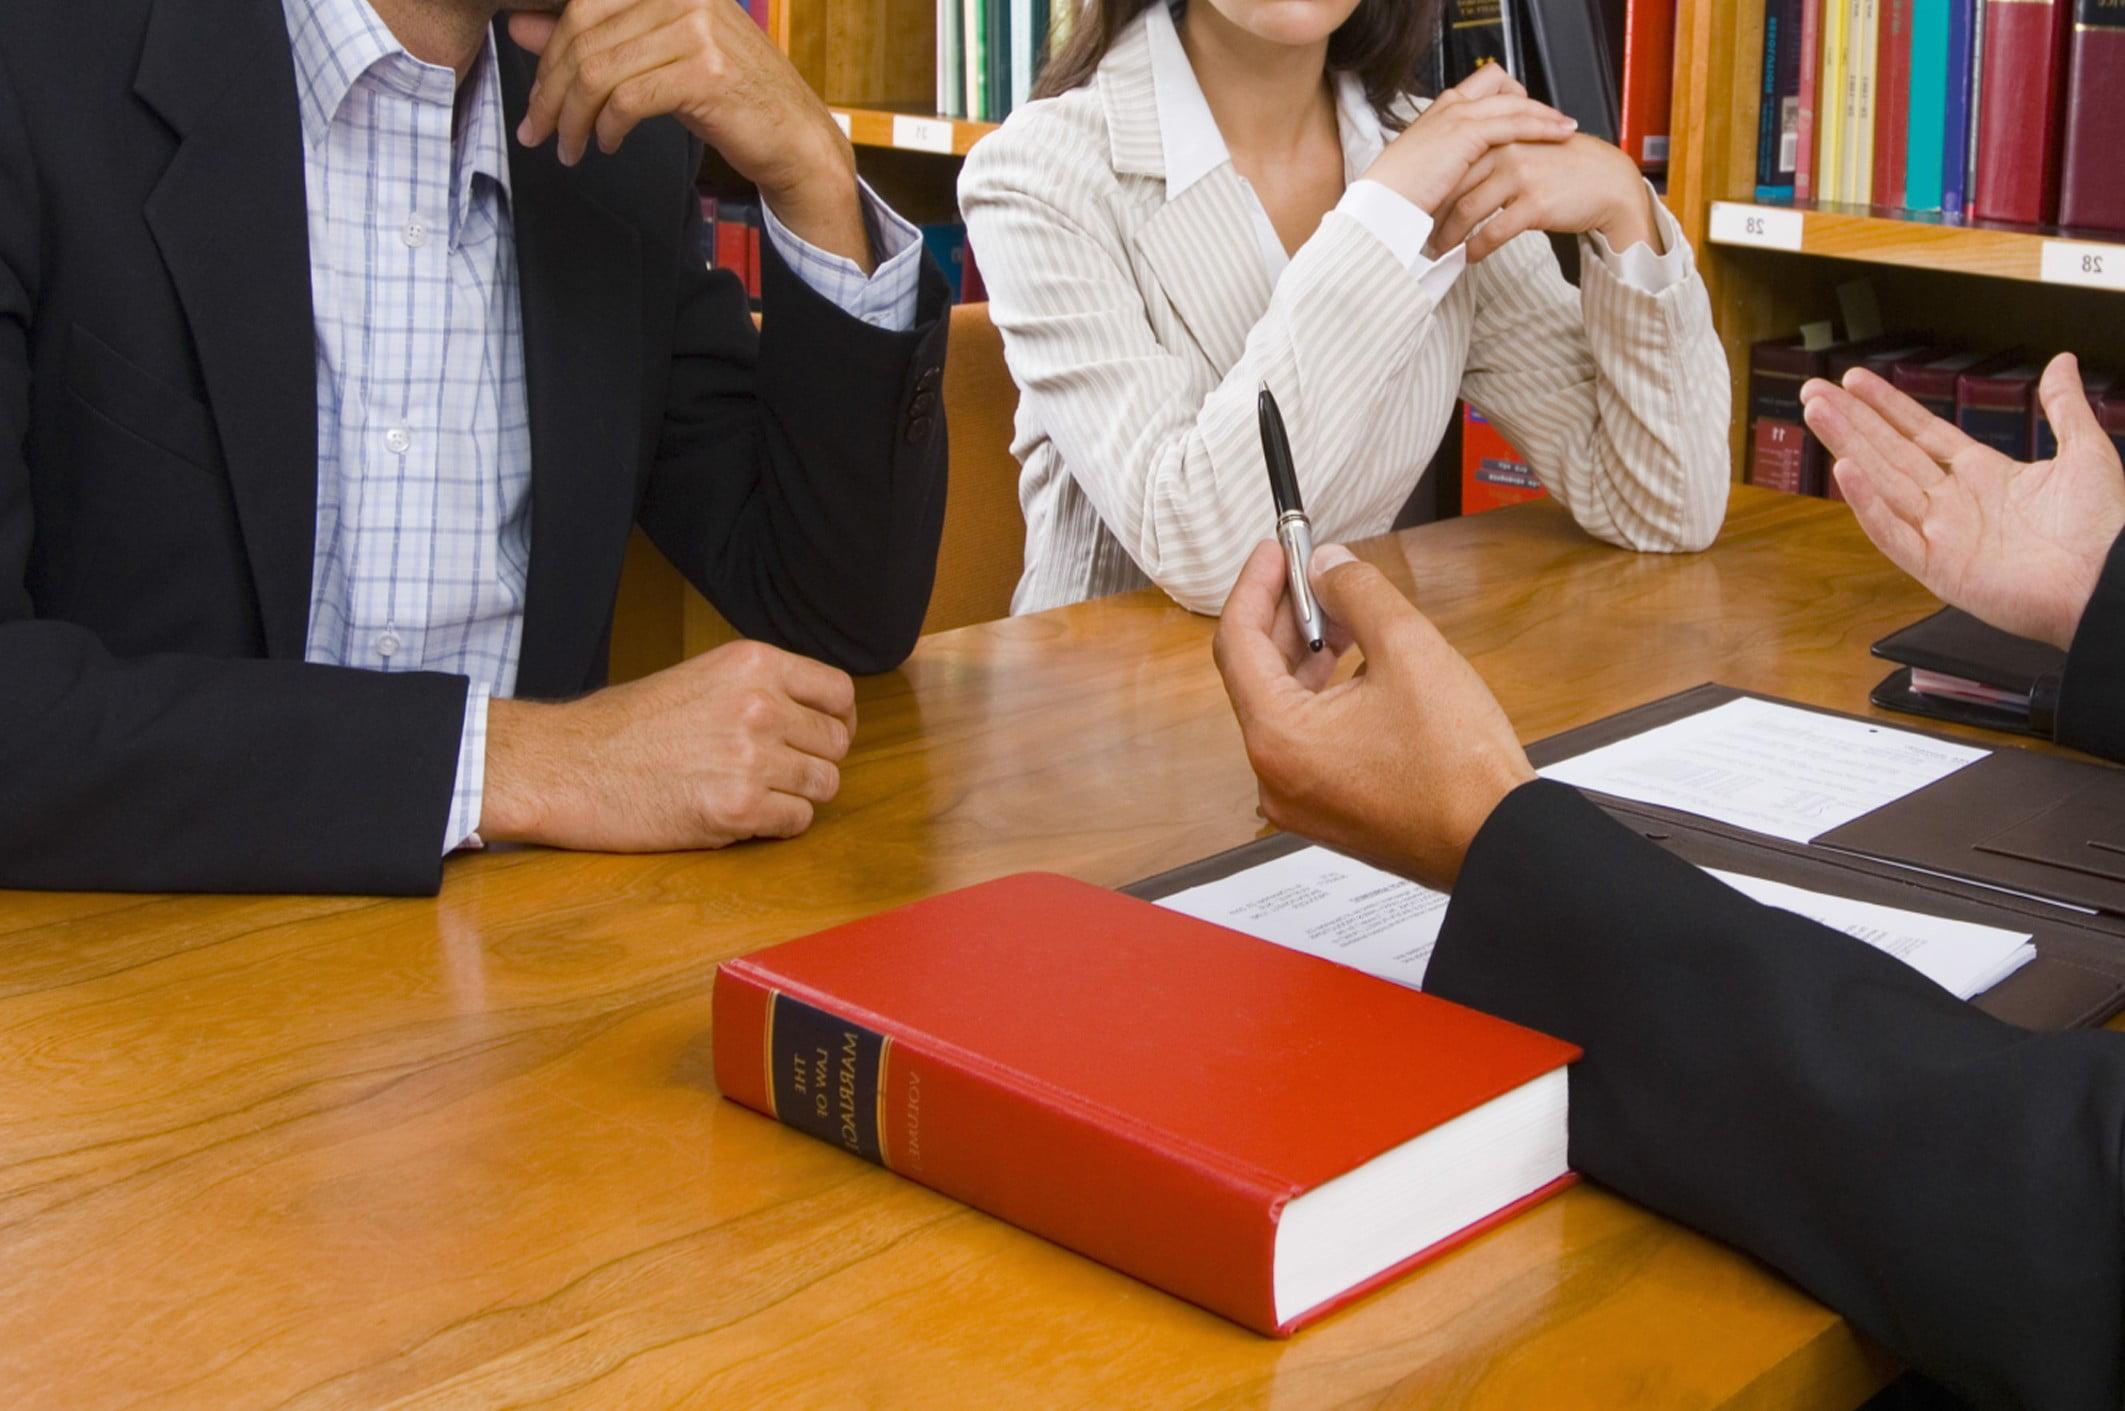 Çekişmeli Boşanma Avukatı-Anlaşmalı Boşanma Avukatı